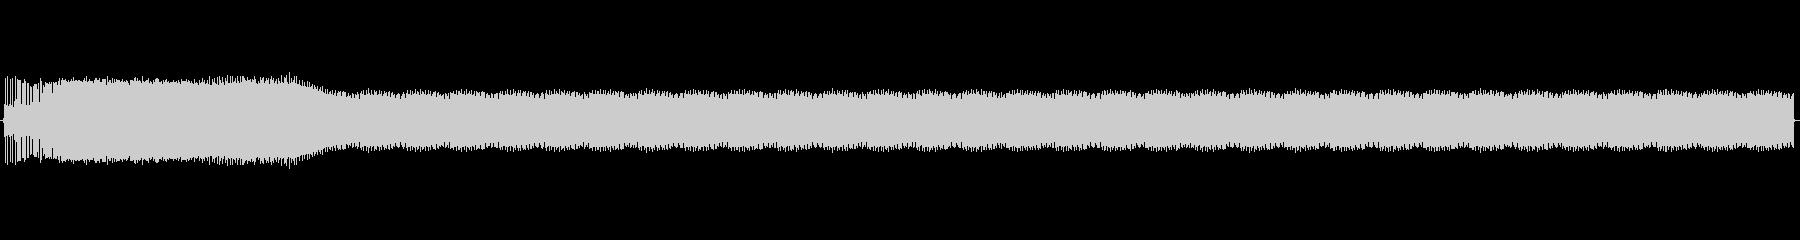 パワーをためる音の未再生の波形